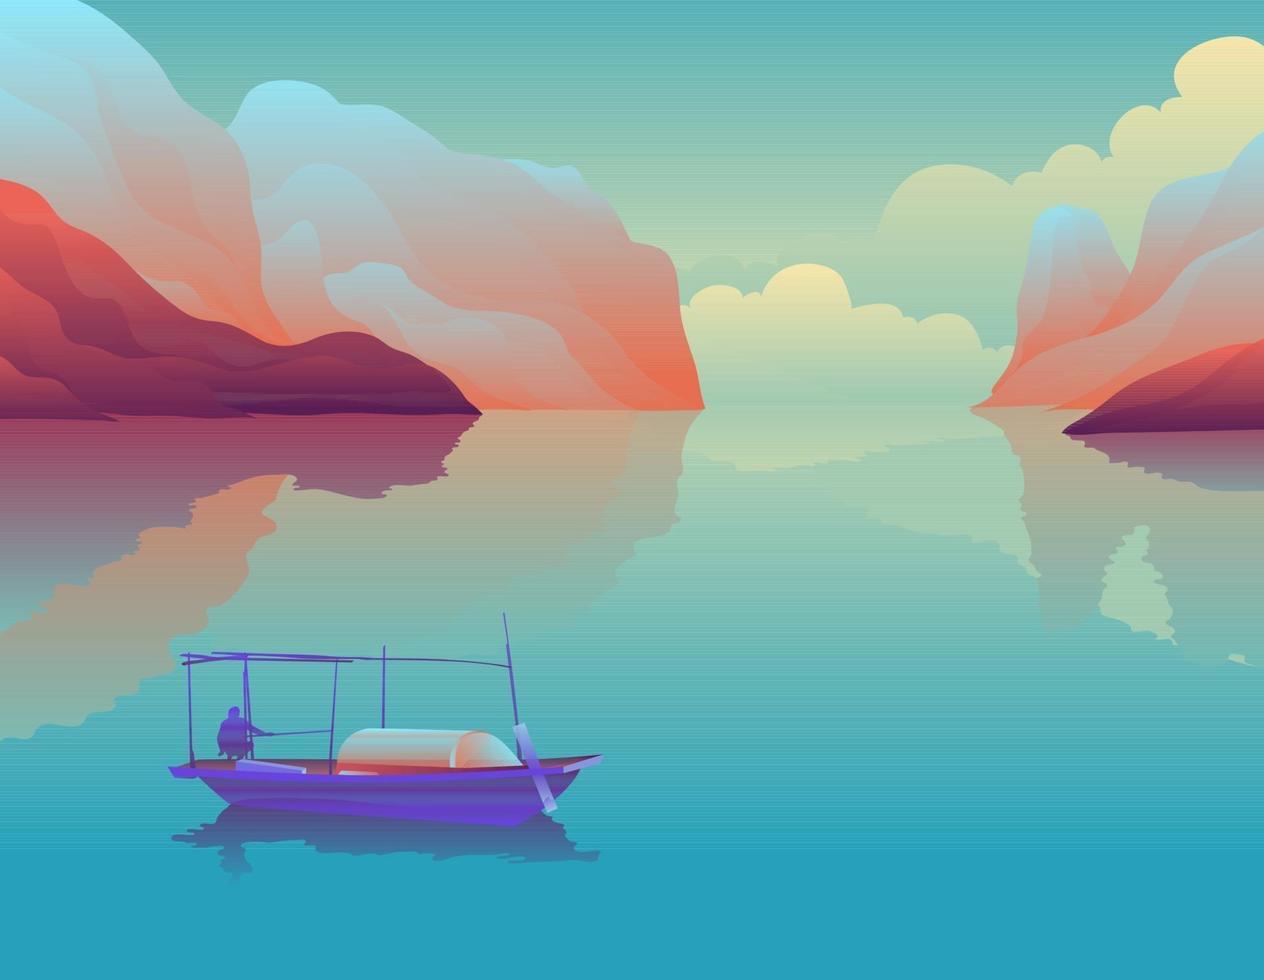 barca da pesca sul lago tra le montagne vettore